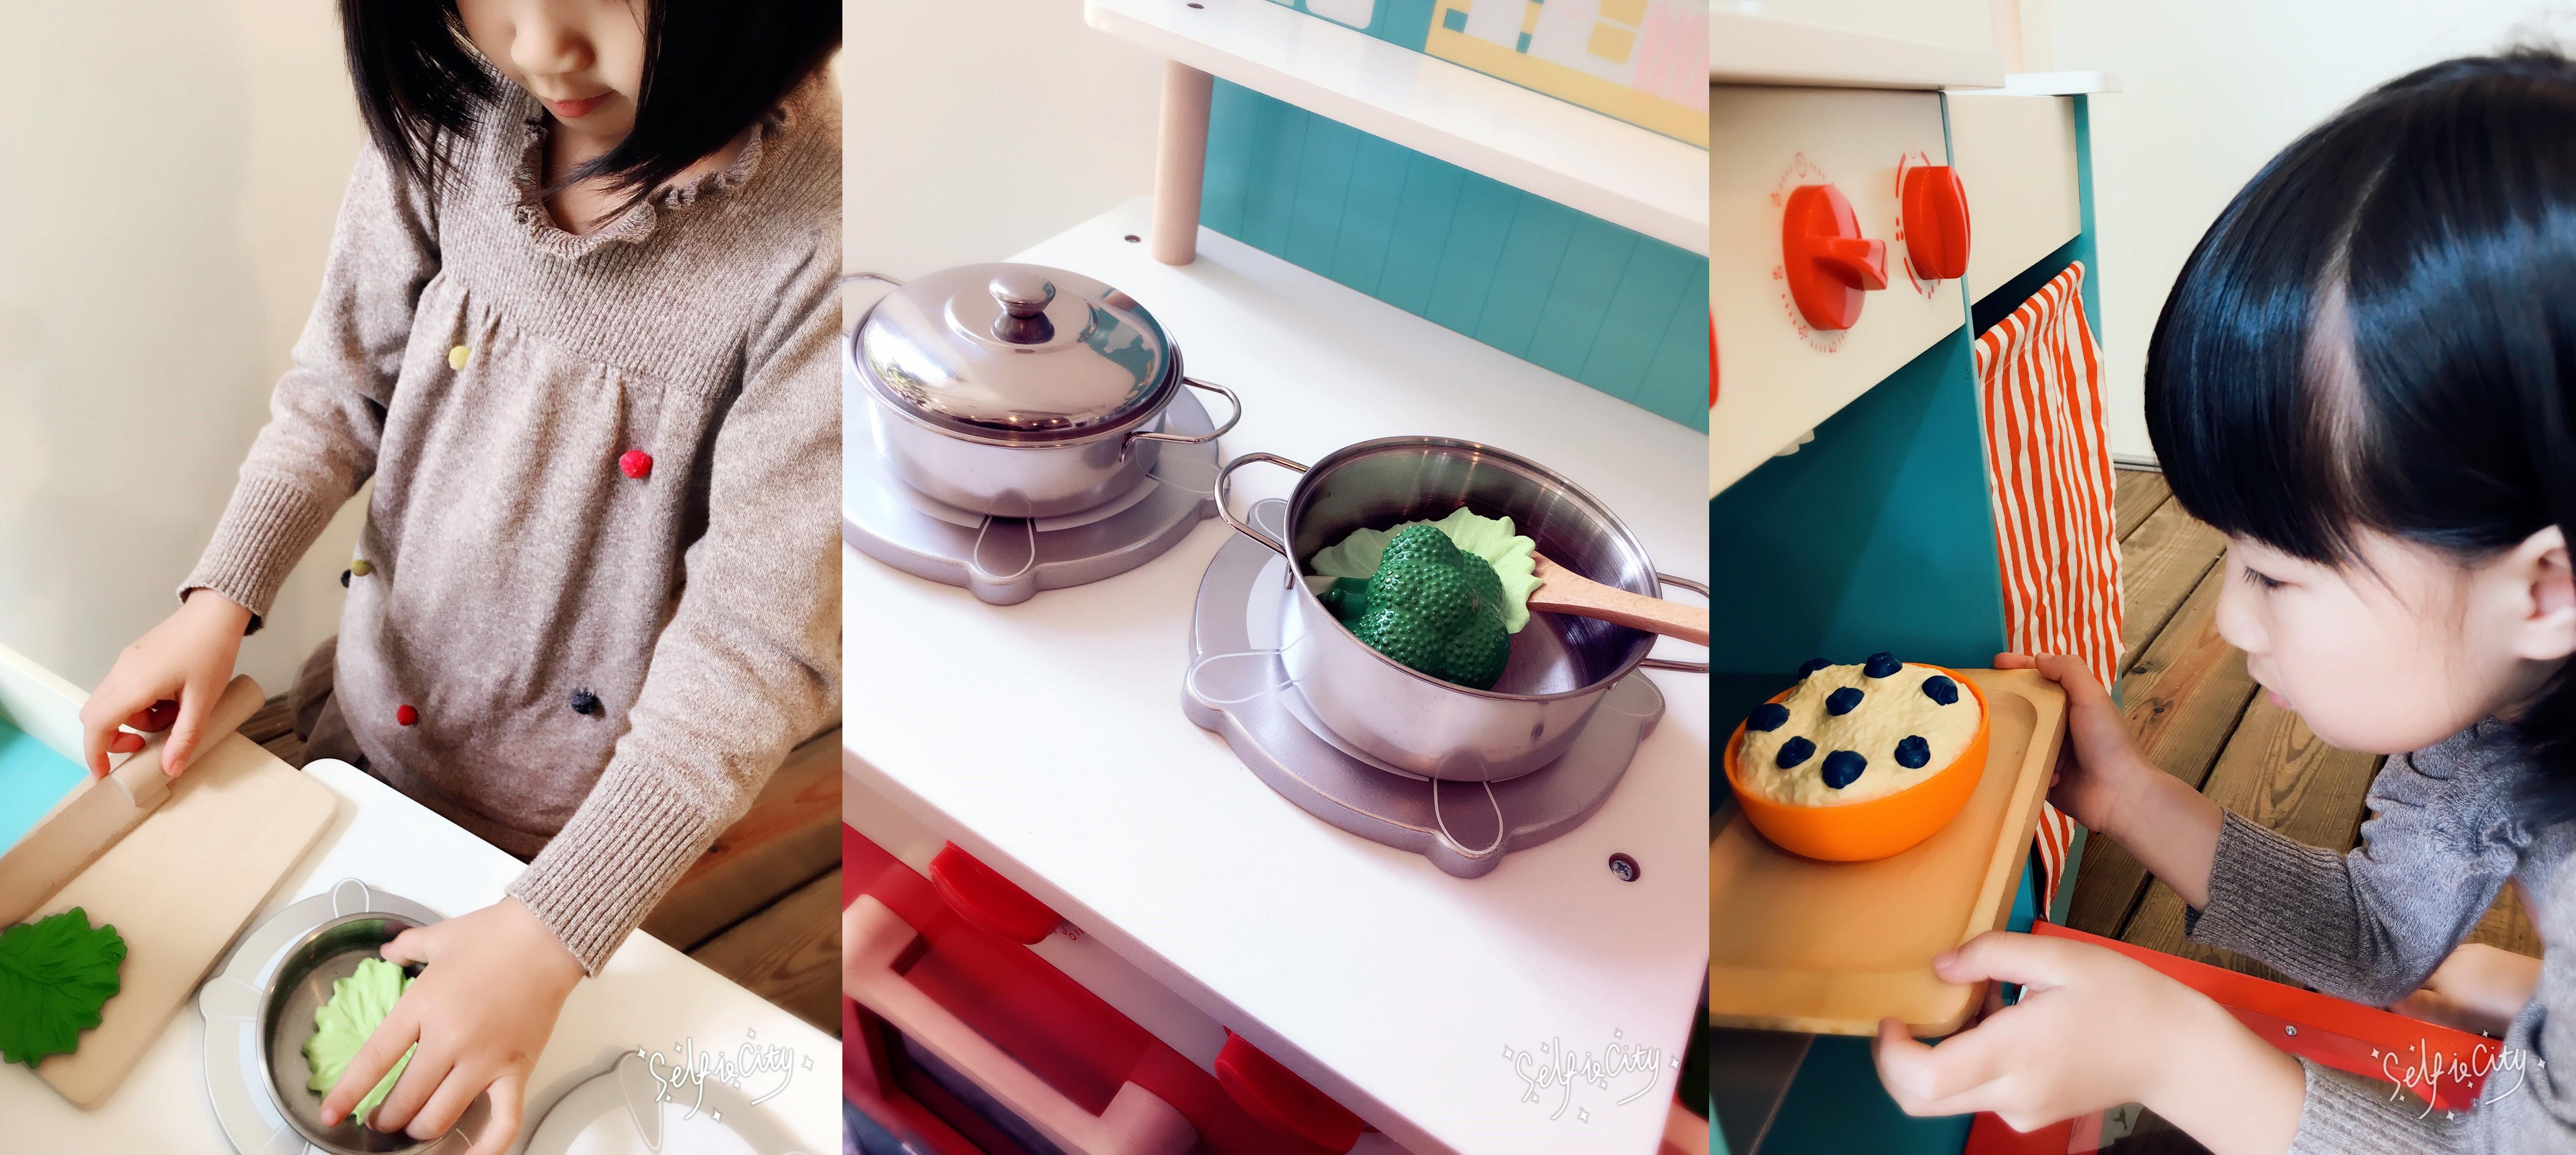 廚房_04